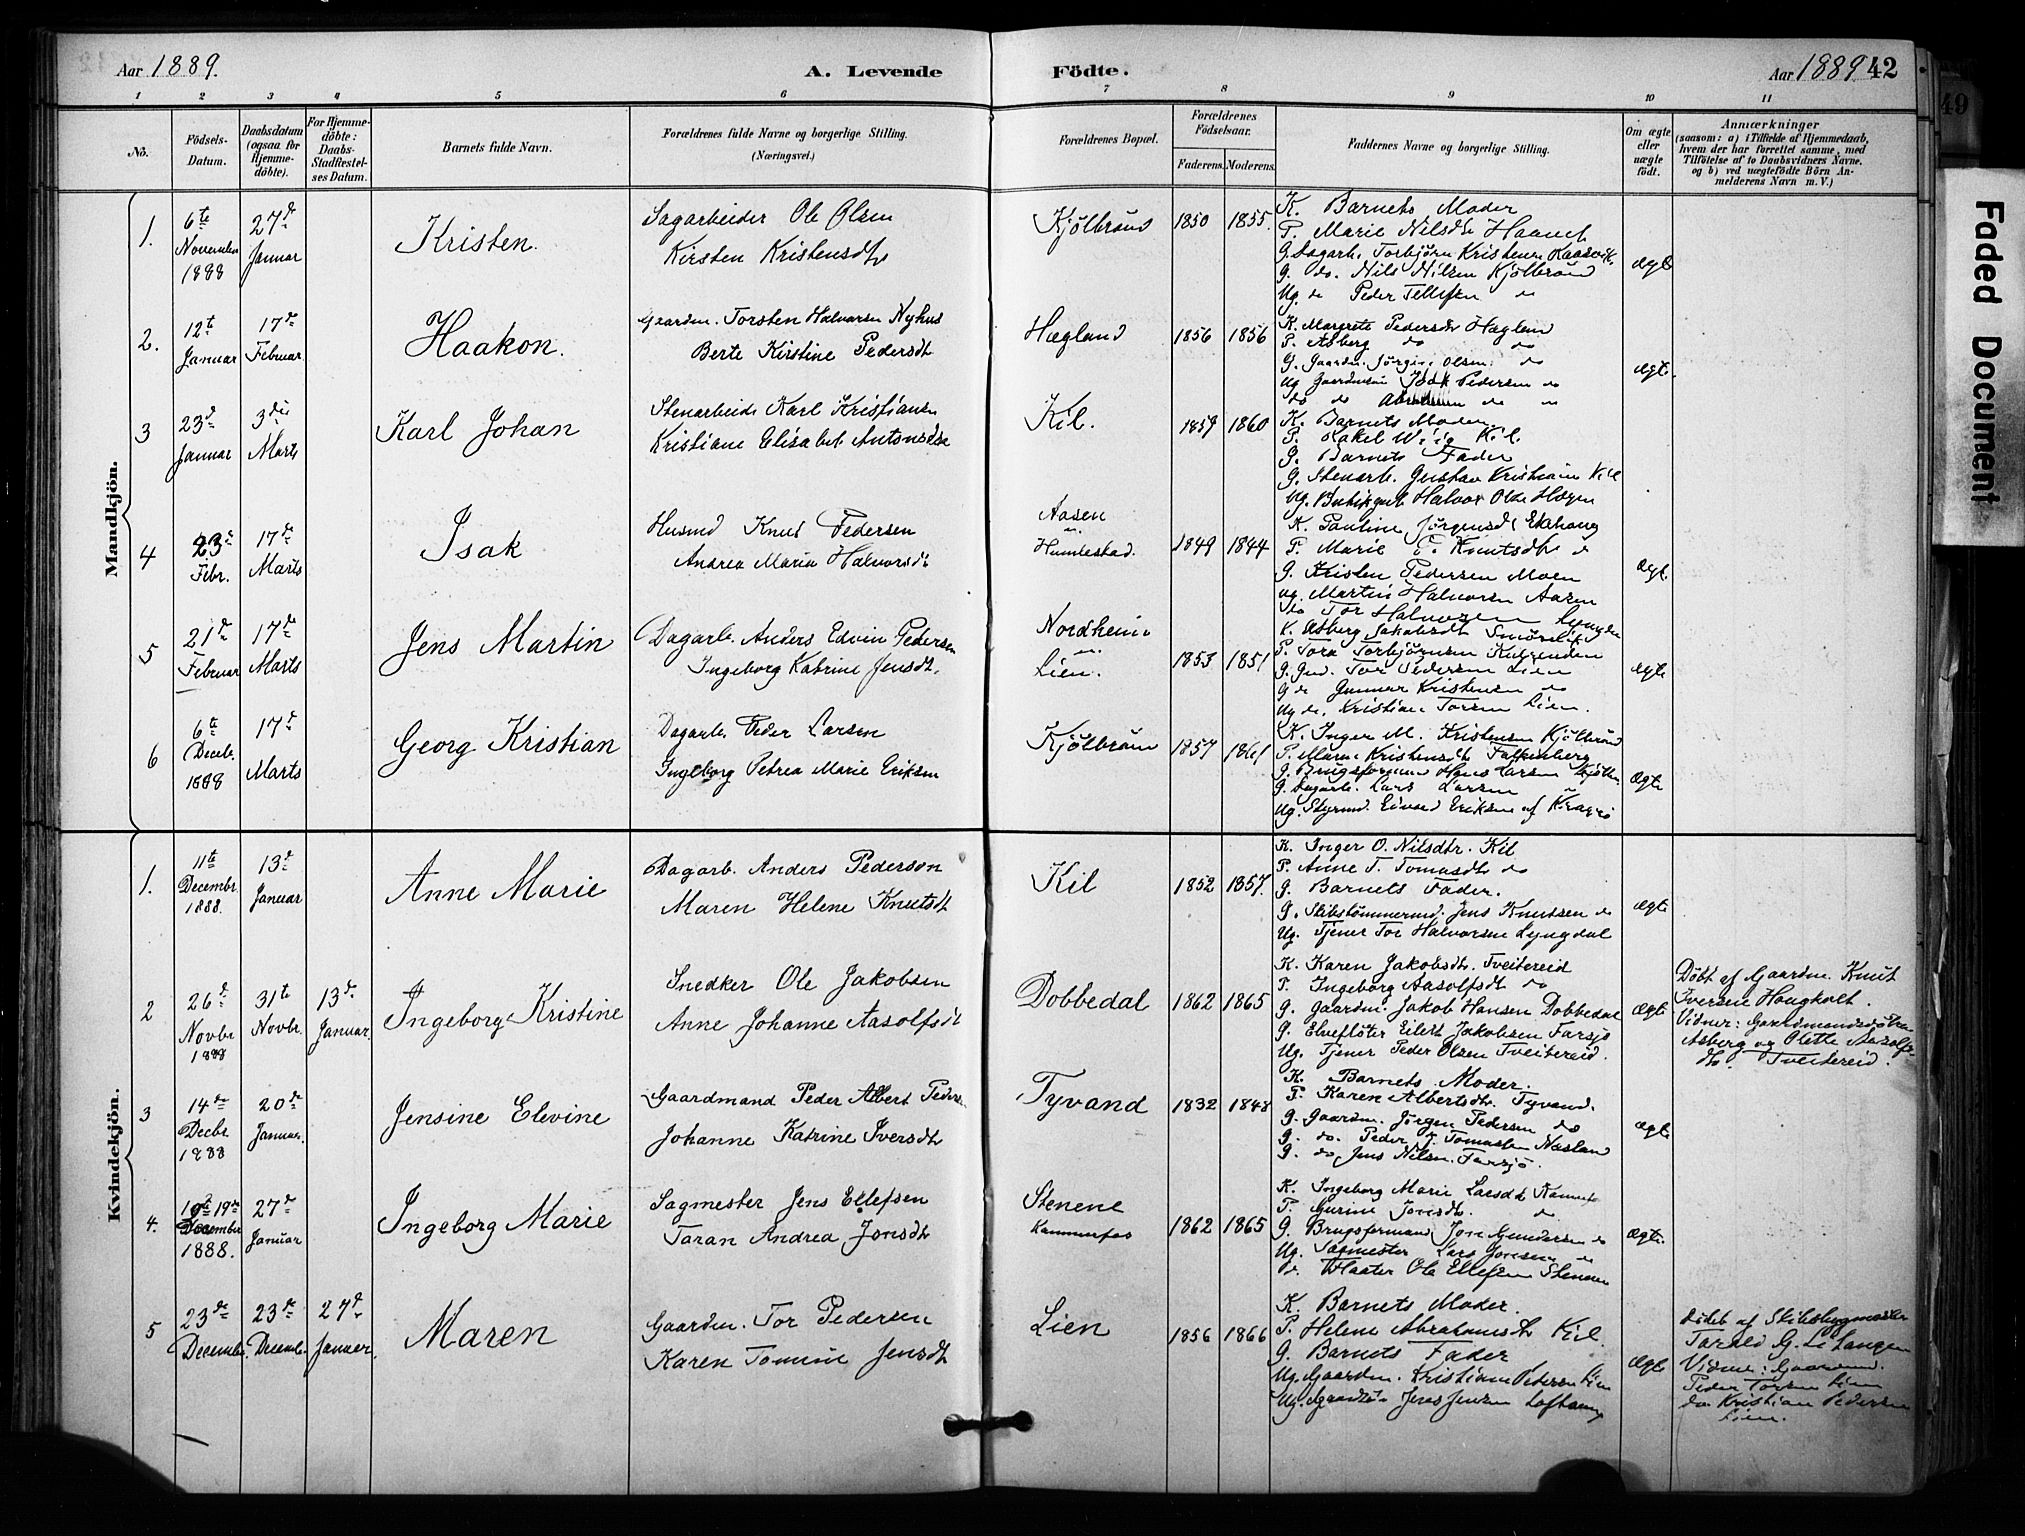 SAKO, Sannidal kirkebøker, F/Fa/L0015: Ministerialbok nr. 15, 1884-1899, s. 42